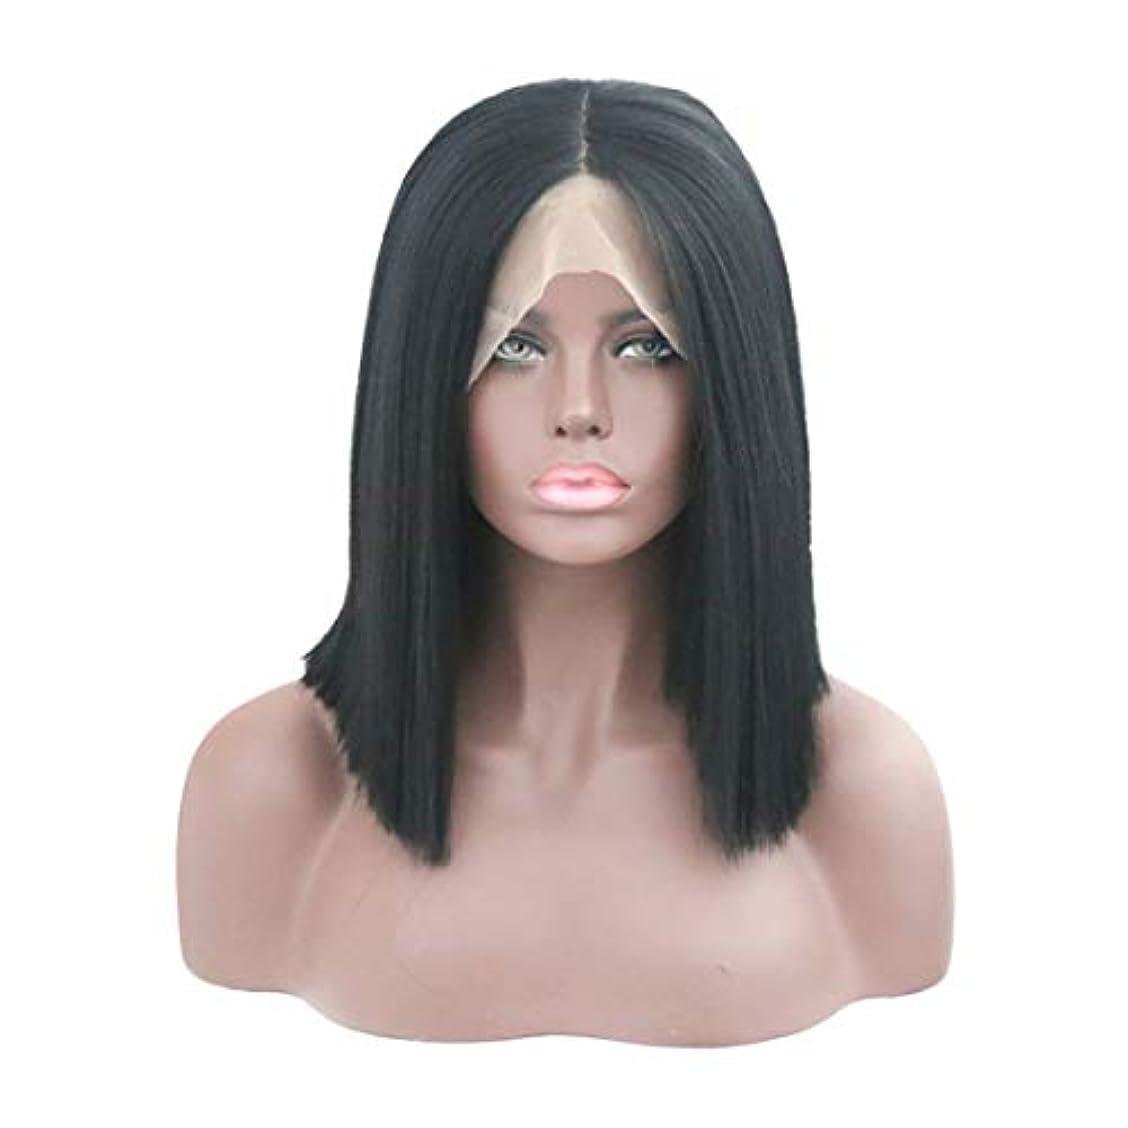 熟した調整取り扱いSummerys ボブヘアかつら本物の髪として自然な女性のためのストレート合成ブラックウィッグ